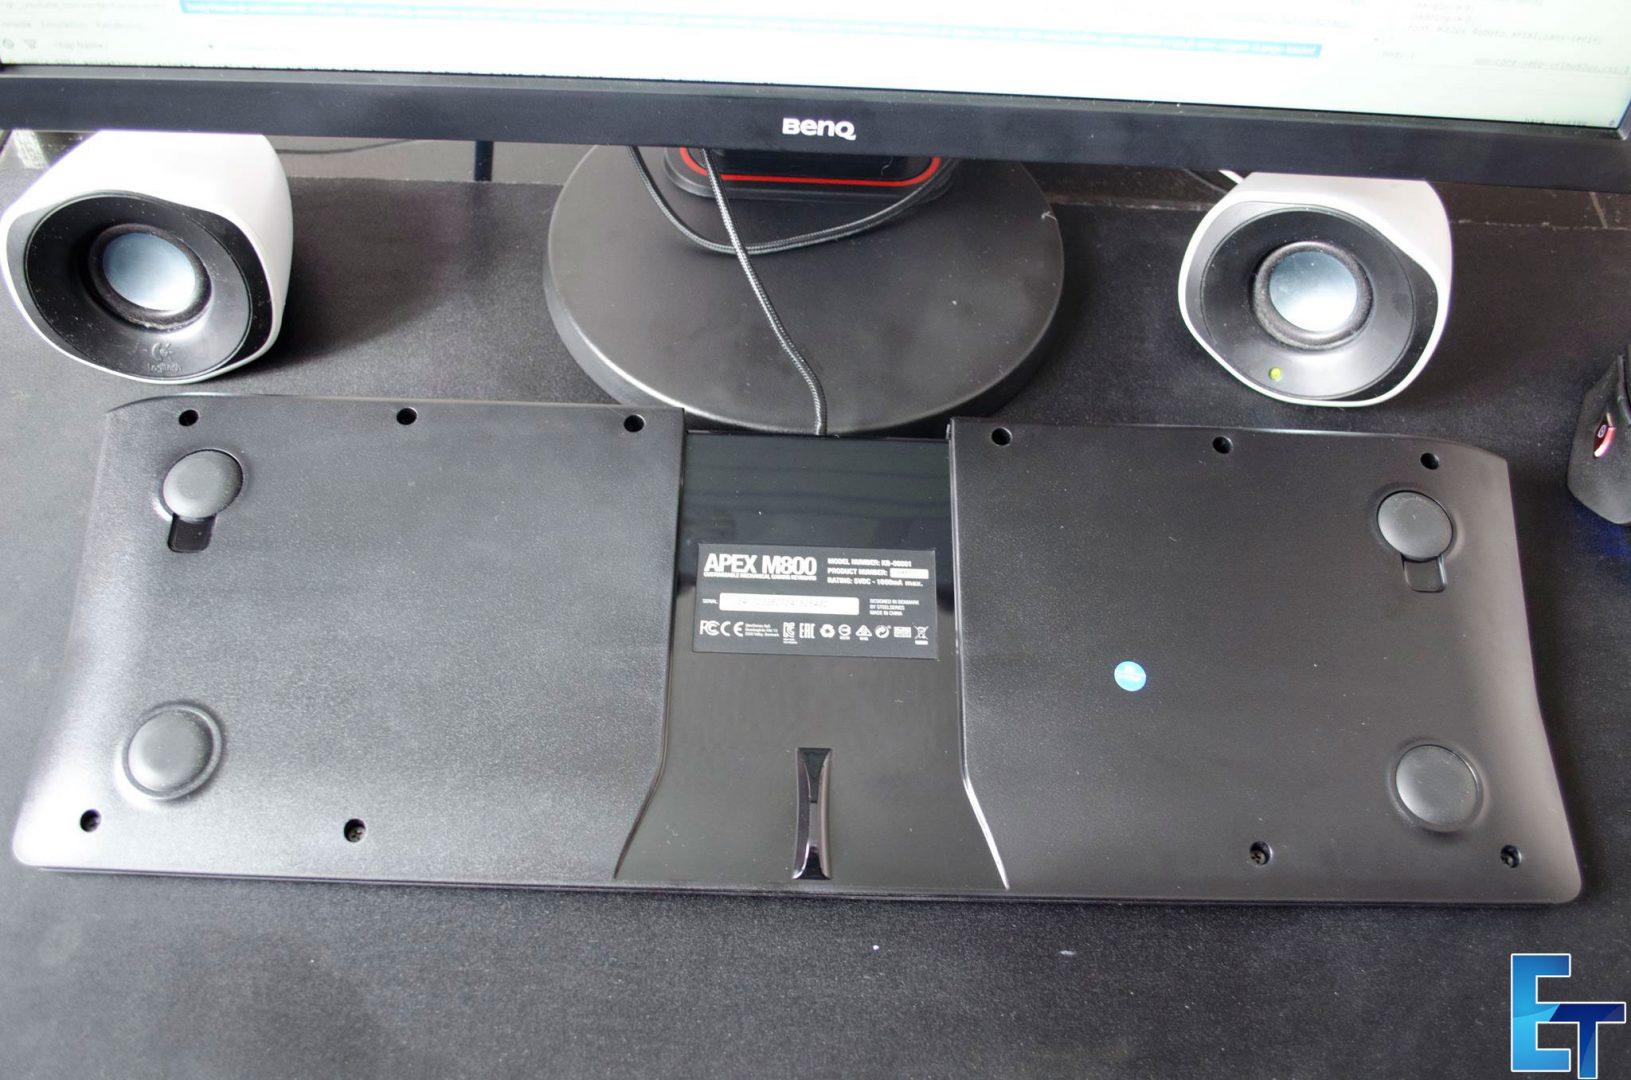 sTEELsERIES-aPEX-m800-mECHANICAL-gAMING-KEYBOARD-rEVIEW_9